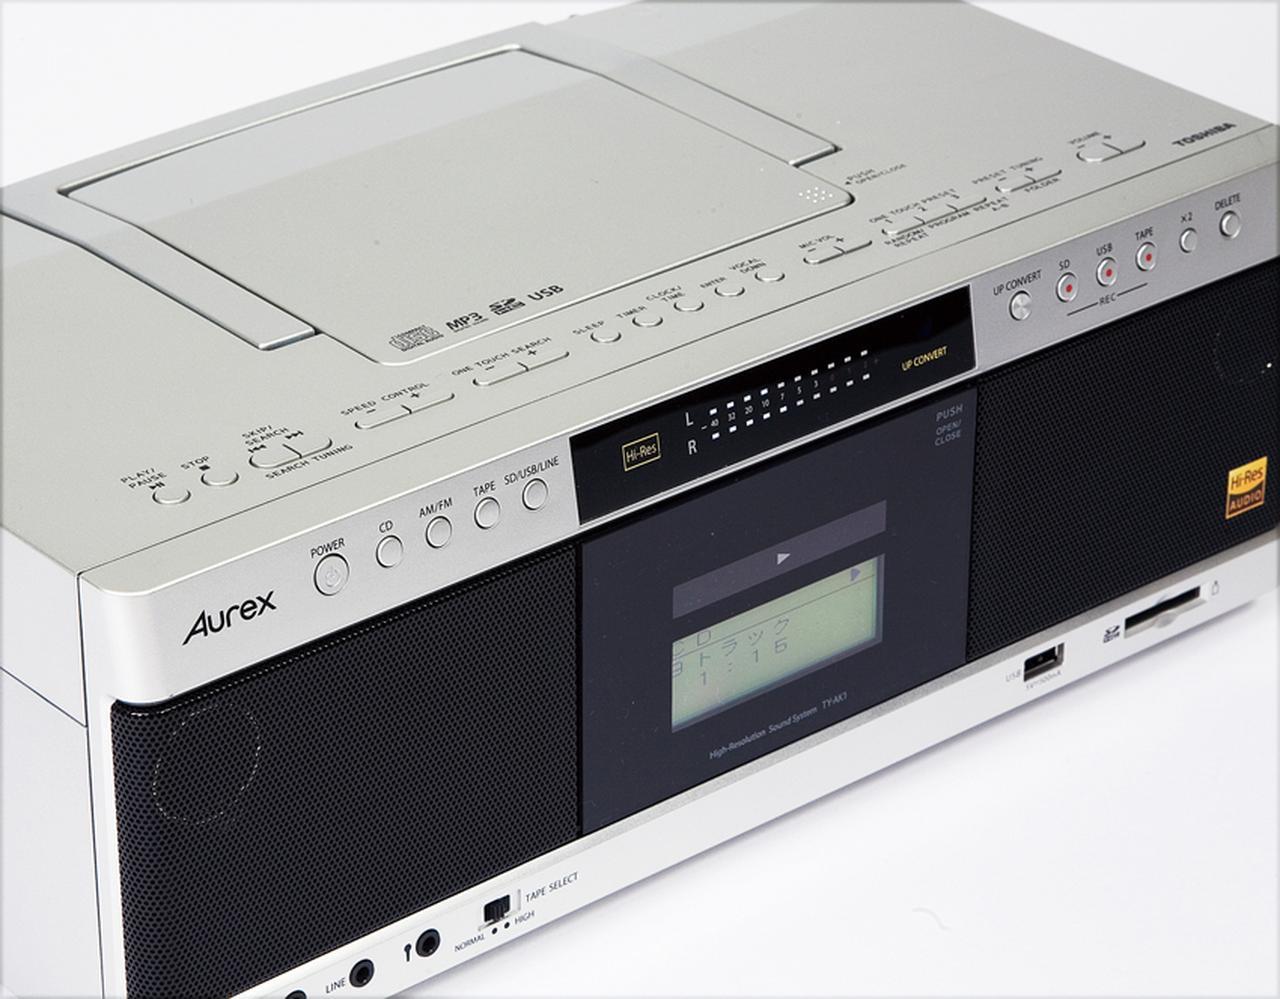 画像: オーディオ機器らしさを感じさせるシルバーの塗装。プリントされる文字も日本語ではなく、あえてアルファベットが使われている。